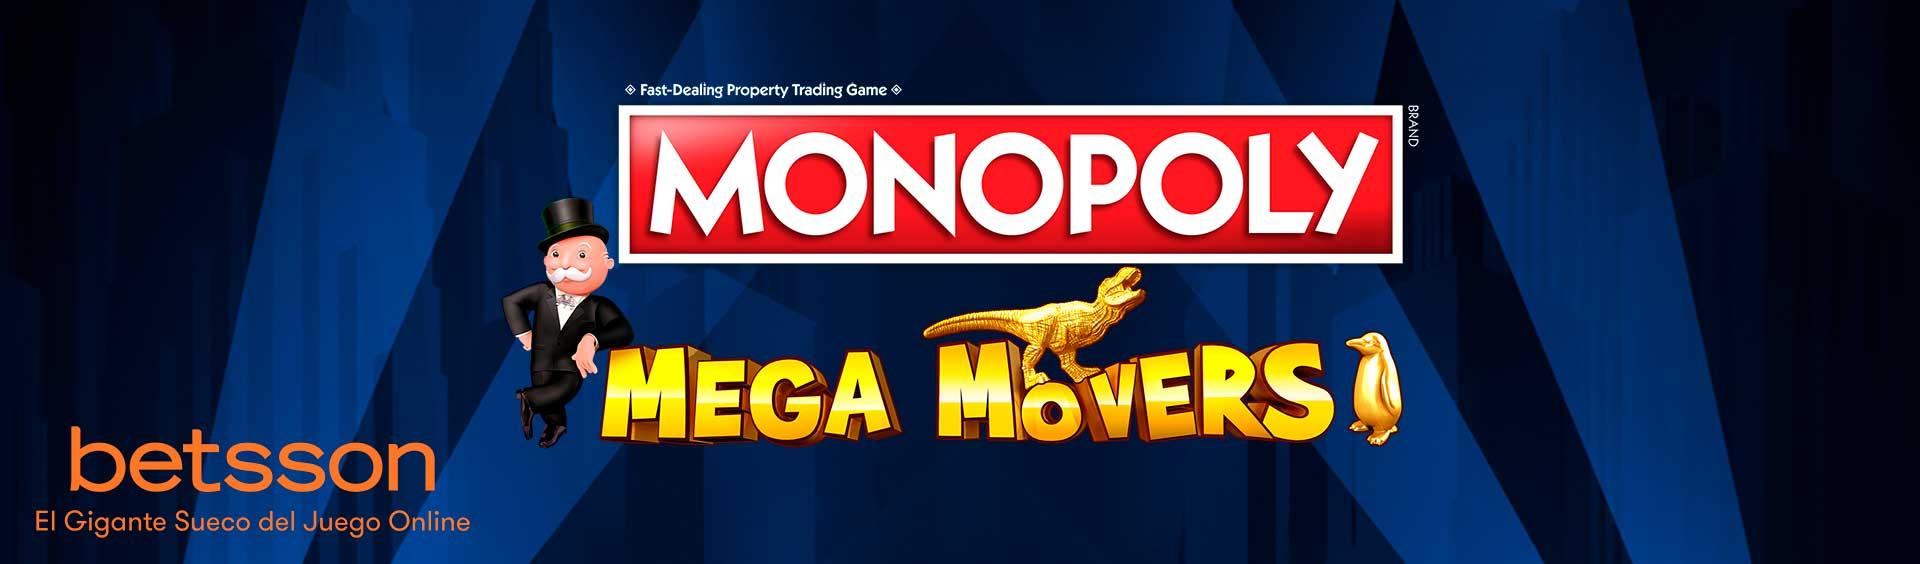 MONOPOLY MEGA MOVERS: MÁXIMA DIVERSIÓN PARA LOS APASIONADOS DEL MONOPOLY